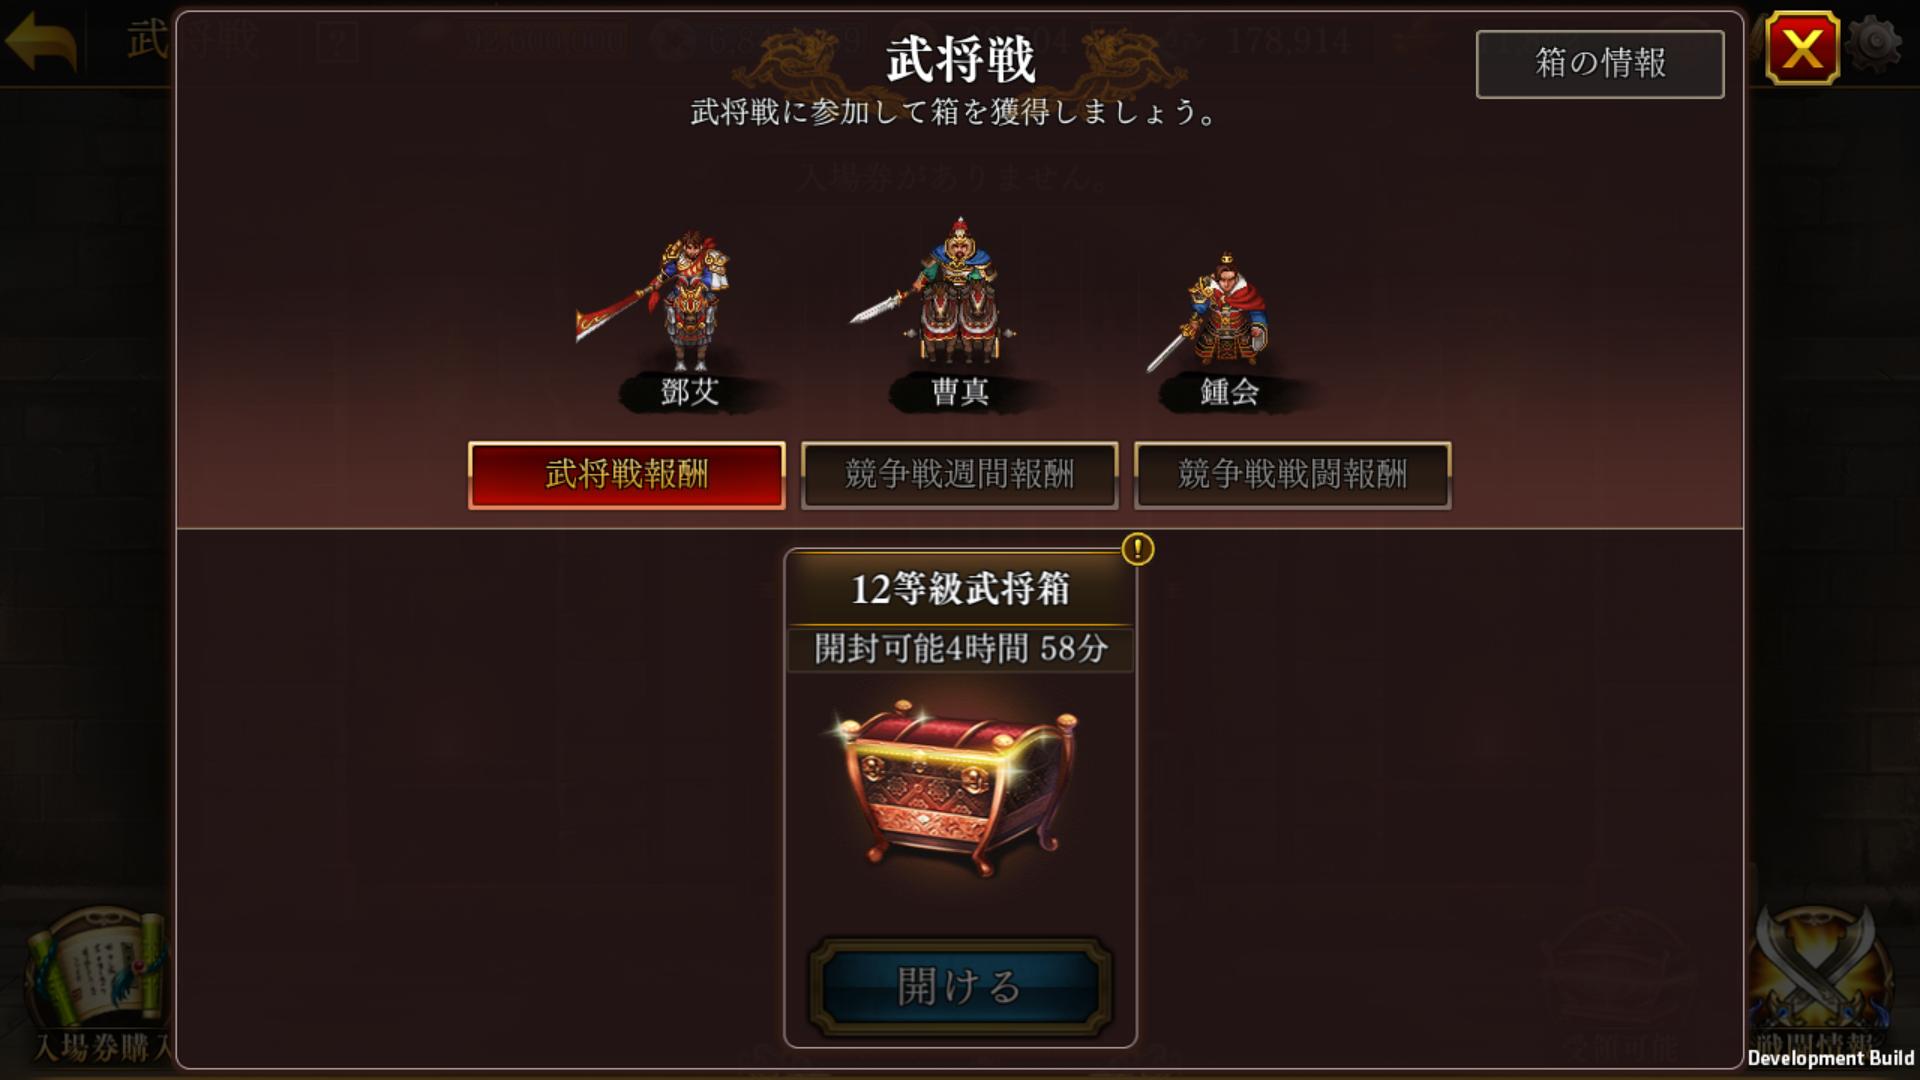 《三国志曹操传OL》最新截图欣赏 战略战术齐备